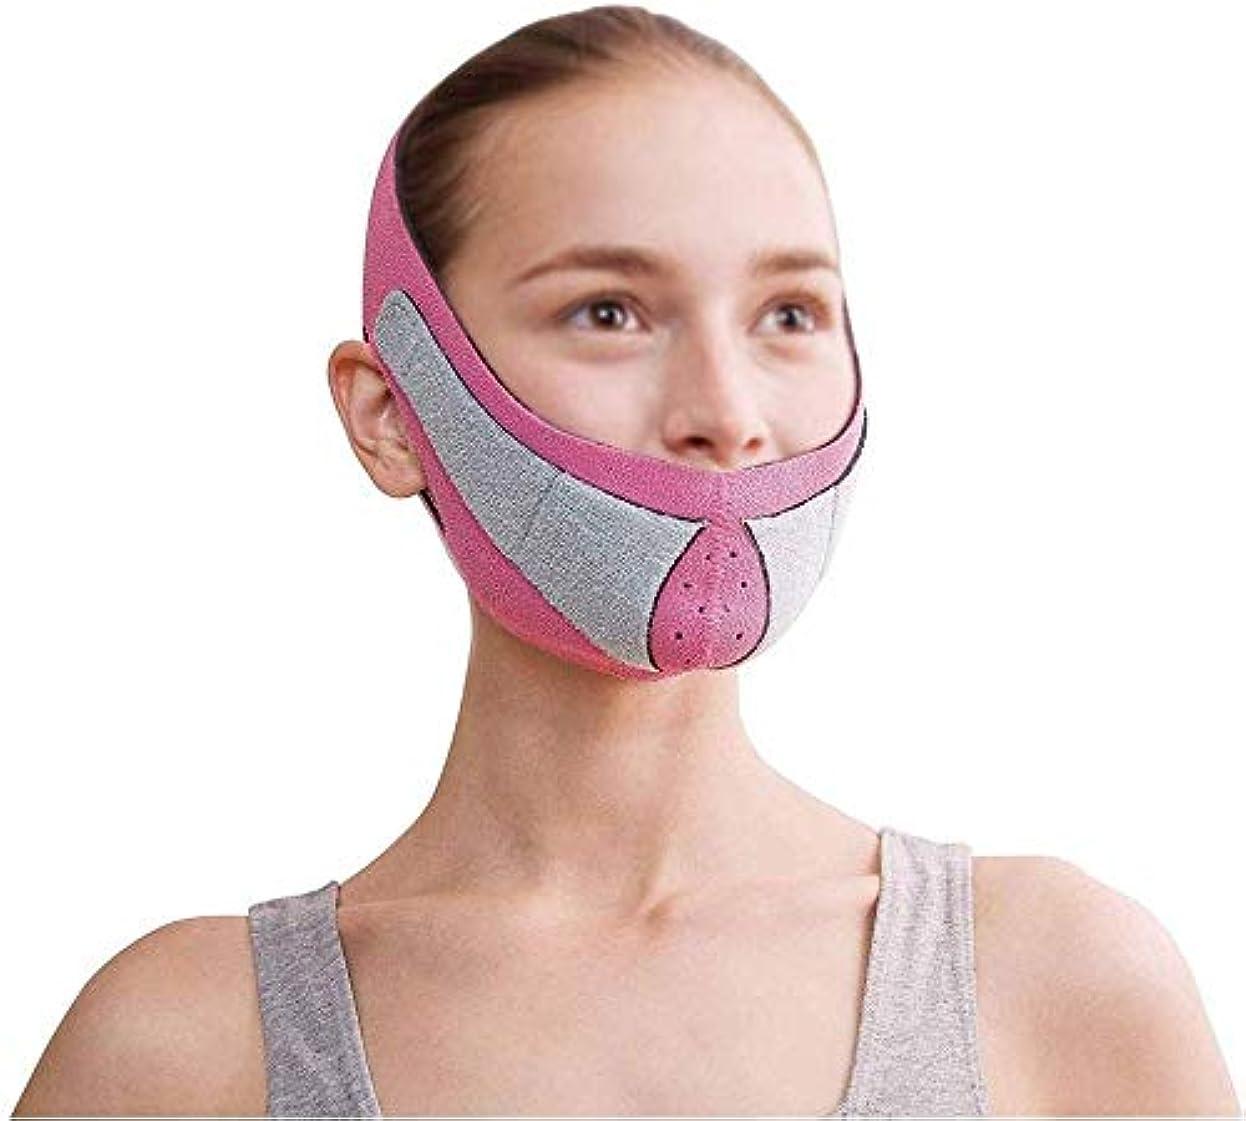 分類する錆び行列美容と実用的なフェイスリフトマスク、たるみ防止引き締め法パターンフェイシャルリフティングリフティングマスク